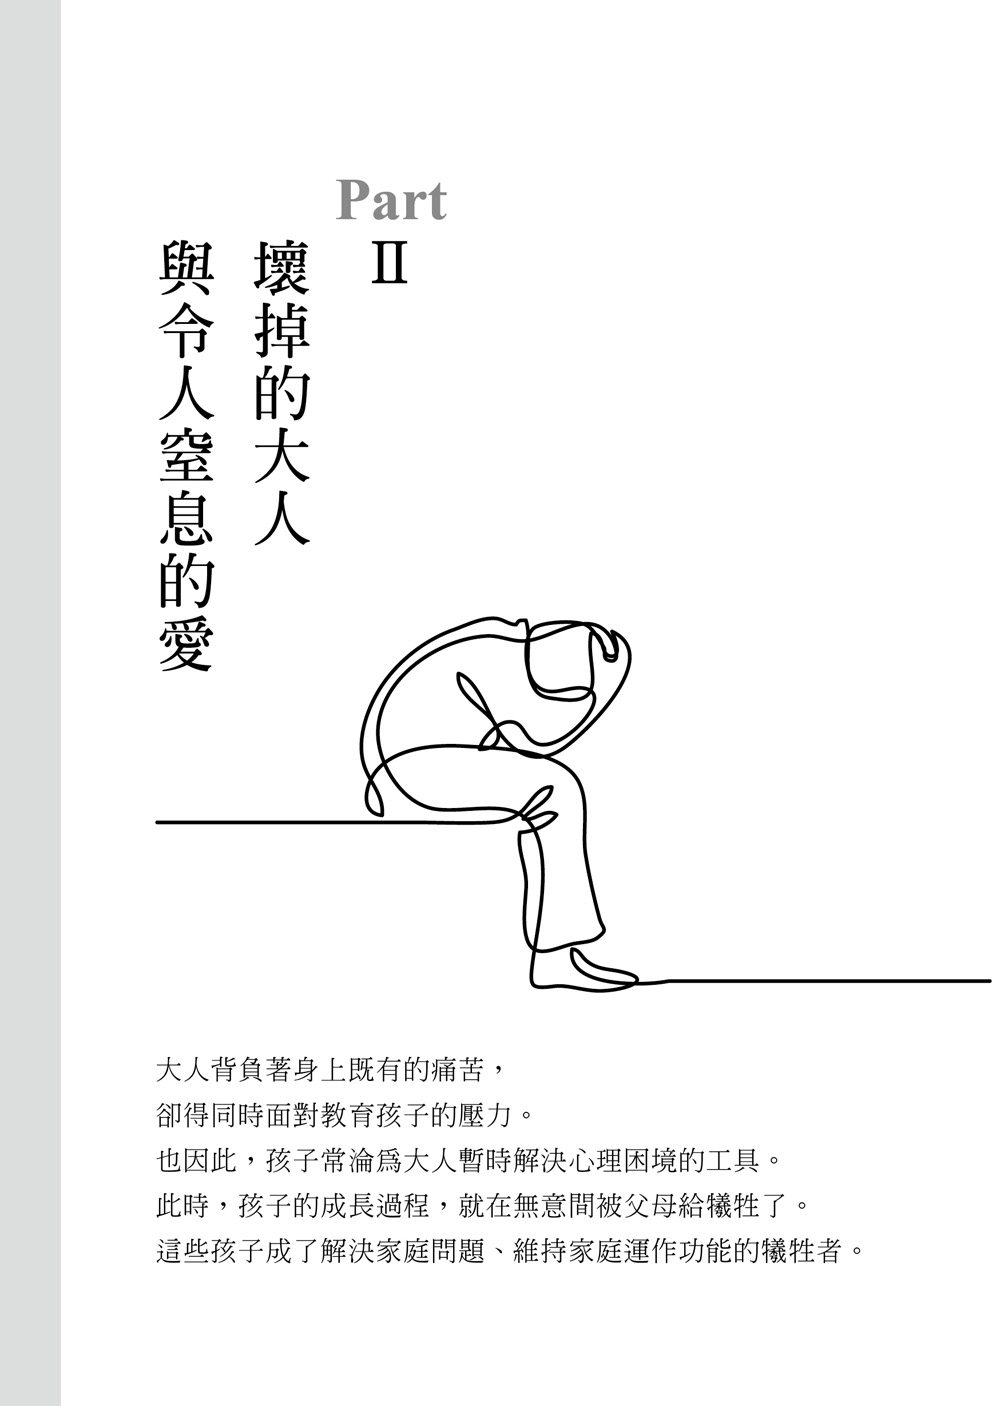 http://im2.book.com.tw/image/getImage?i=http://www.books.com.tw/img/001/077/08/0010770814_b_09.jpg&v=5a0c1766&w=655&h=609